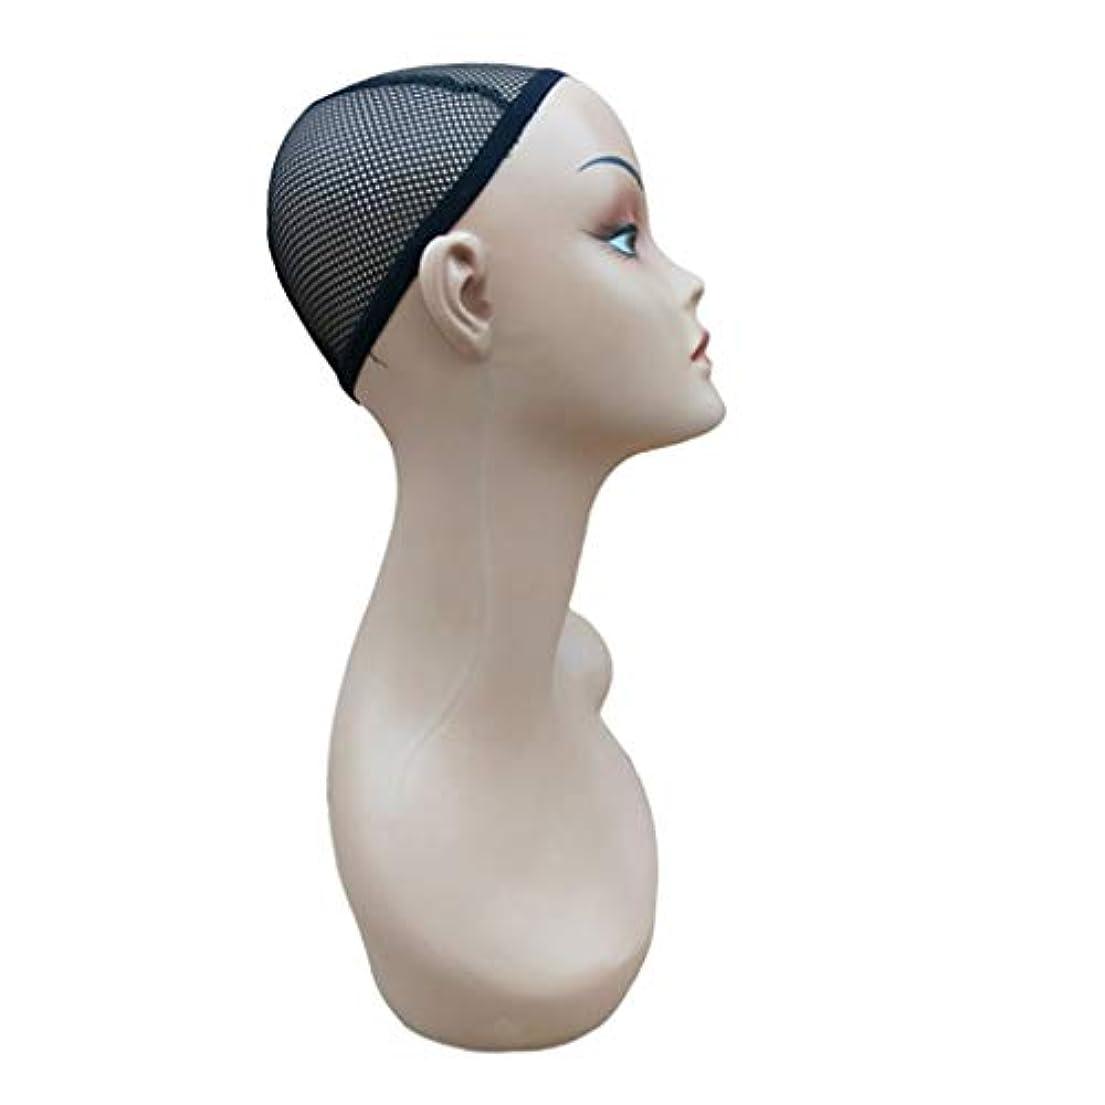 ヤング散歩認識DYNWAVE マネキンヘッド ヘッドモデル ディスプレイ ネックレス ジュエリー 帽子スタンド